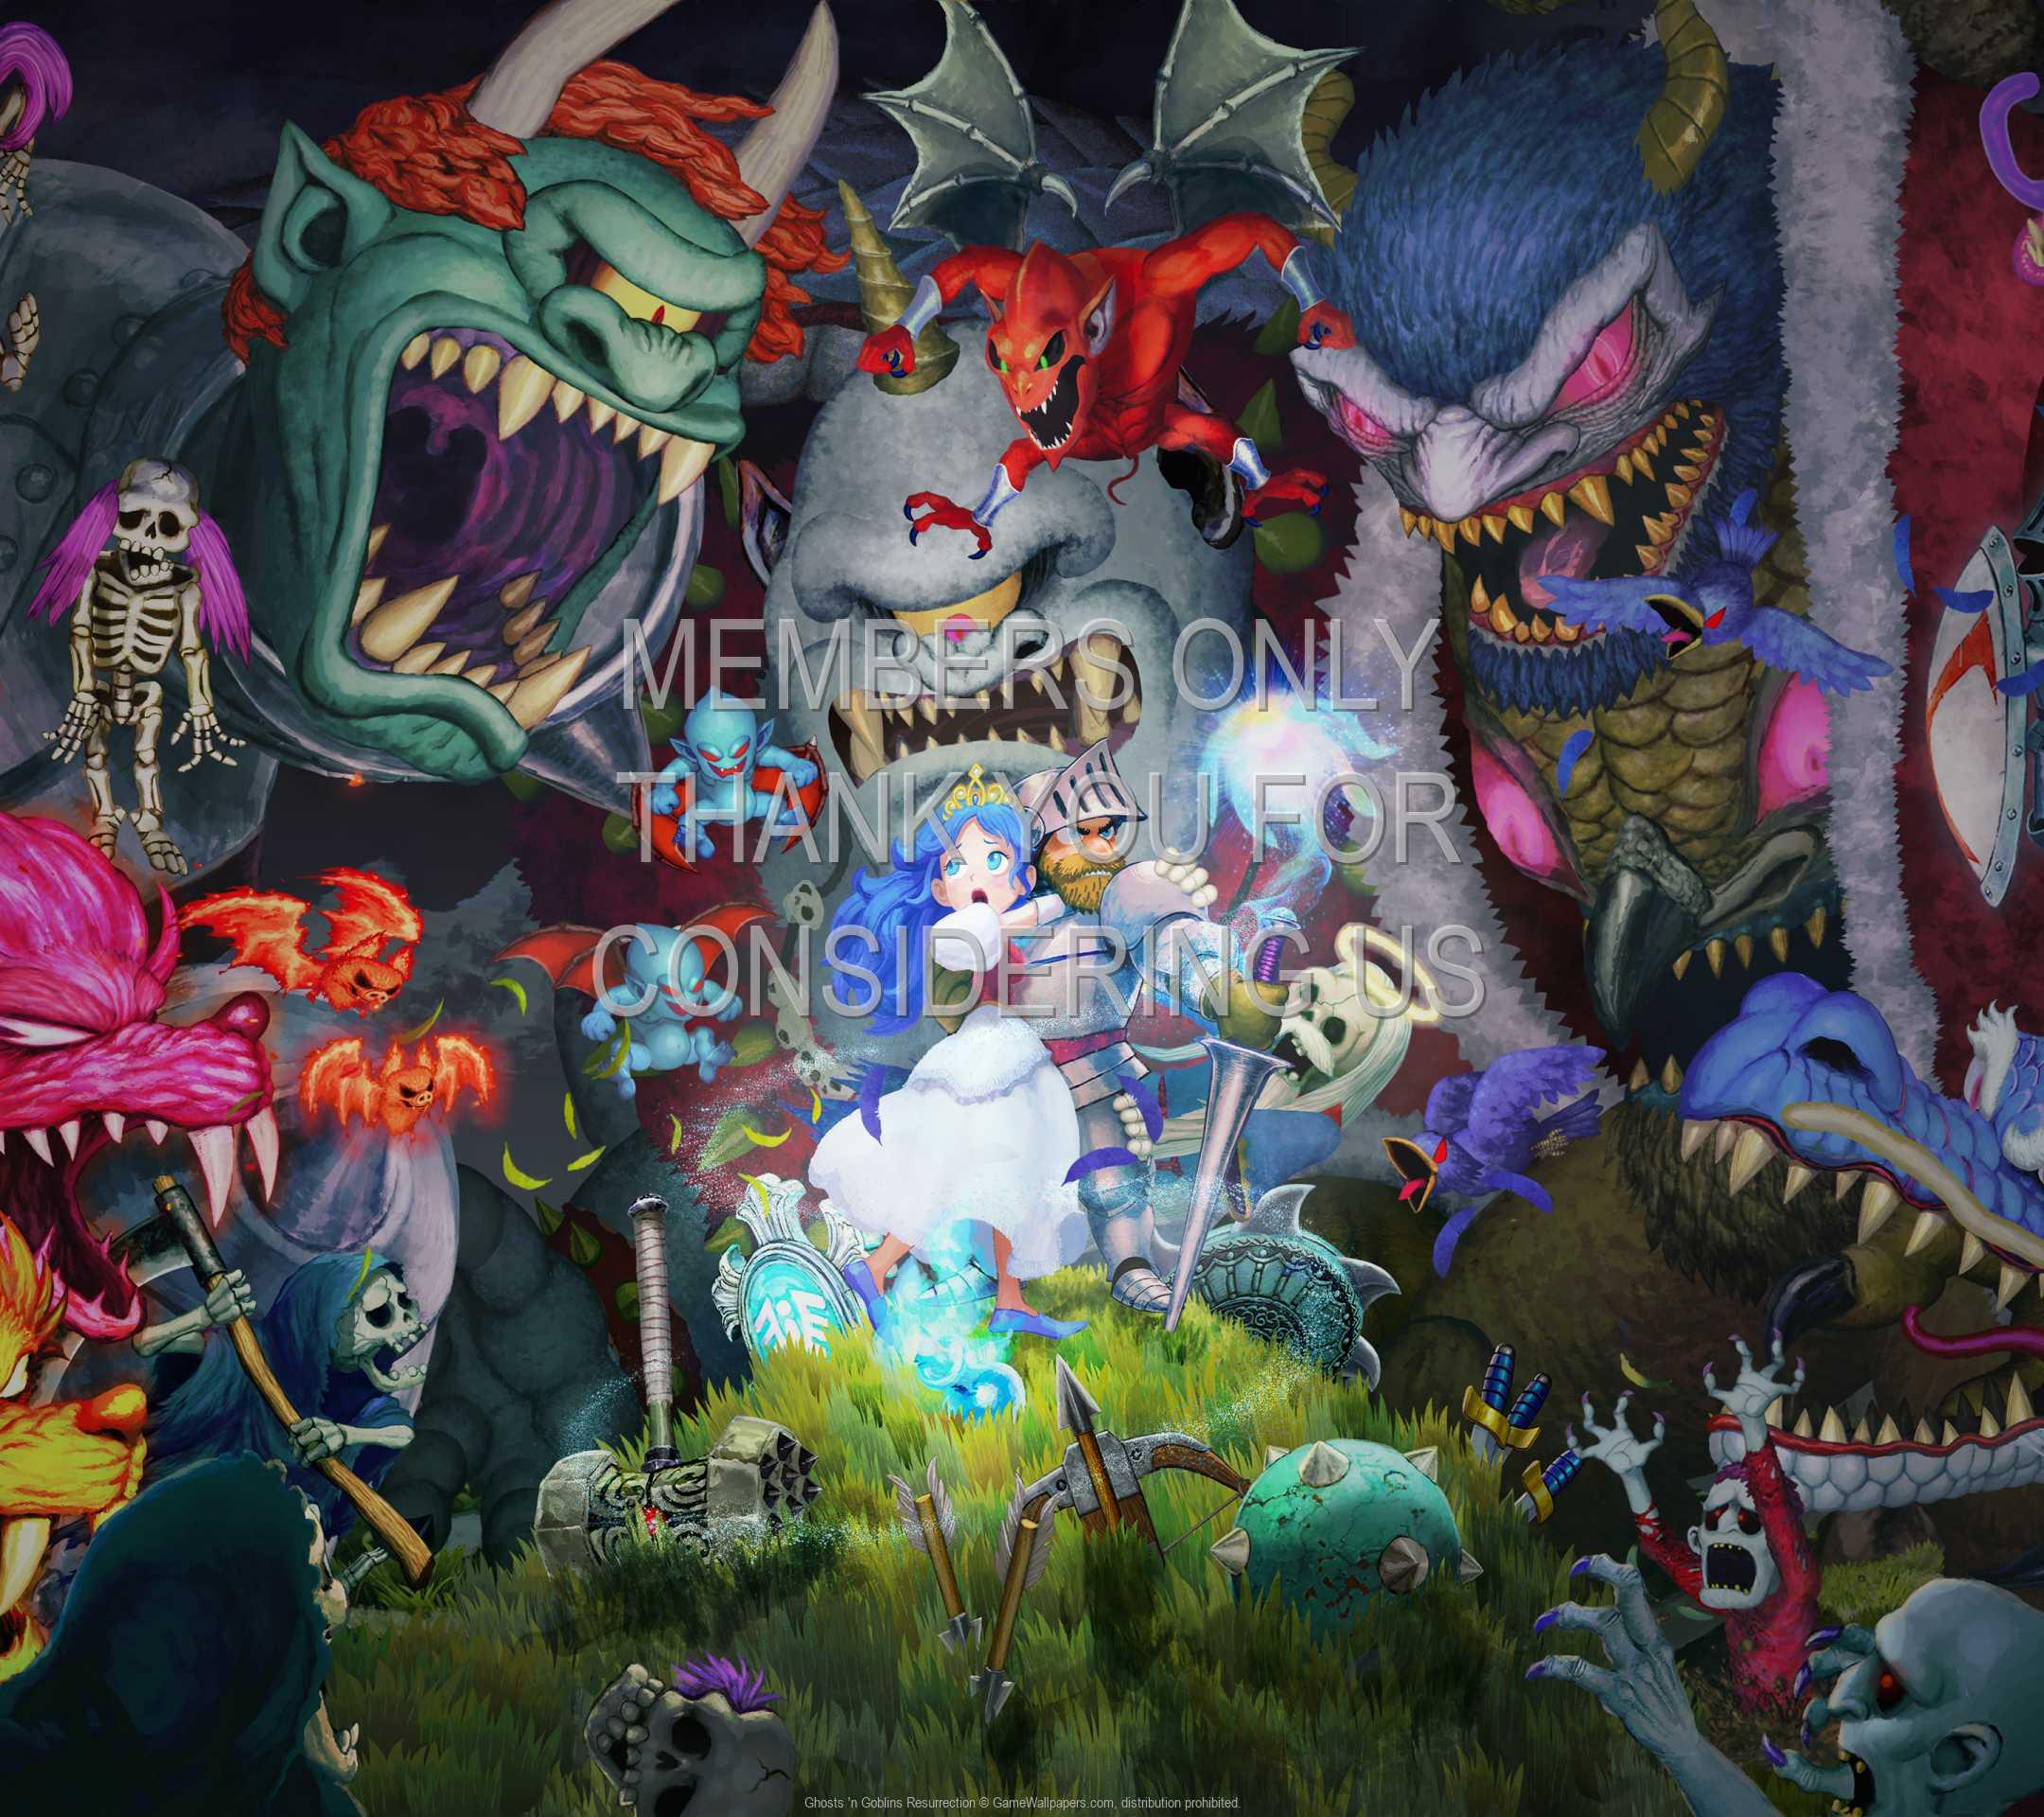 Ghosts 'n Goblins Resurrection 1080p Horizontal Móvil fondo de escritorio 01